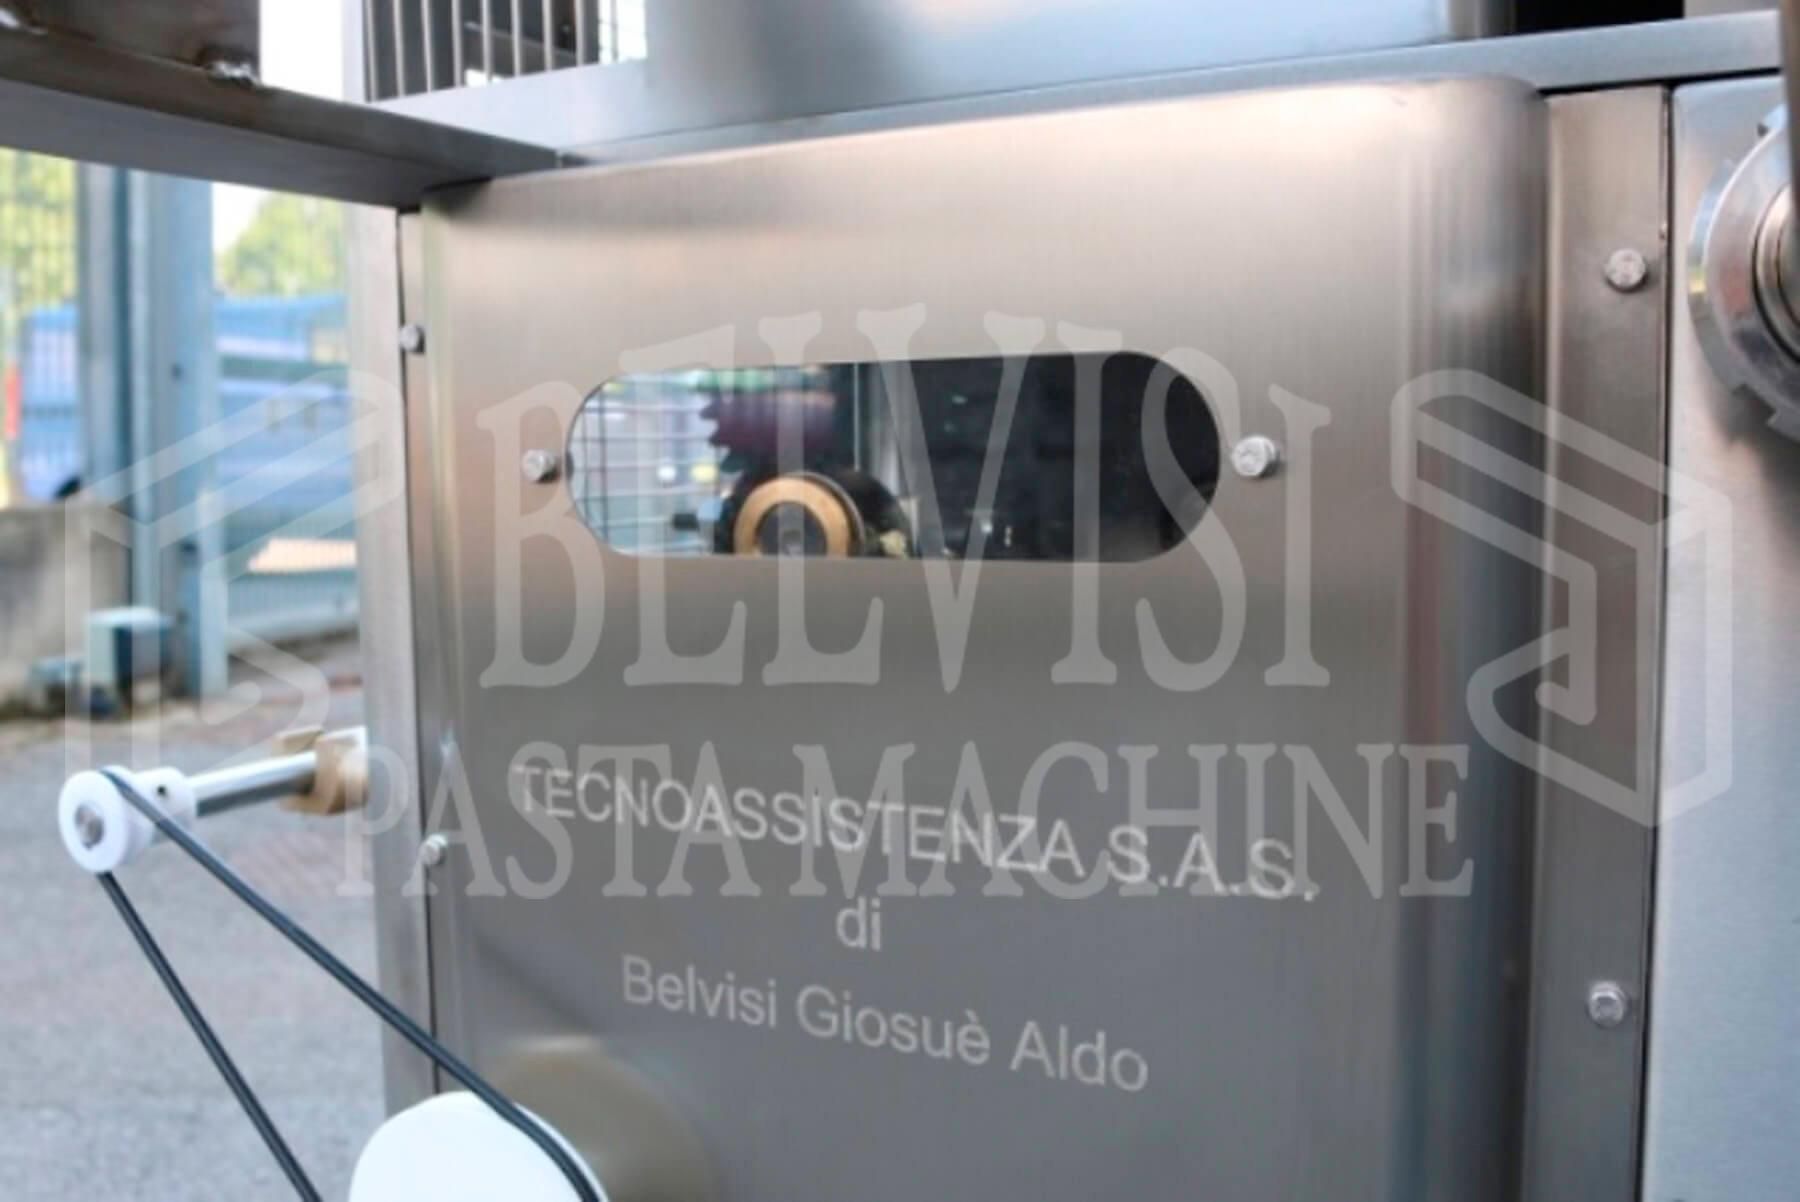 FORMATRICE DI RAVIOLI DOPPIA SFOGLIA modello TECNOASSISTENZA/250